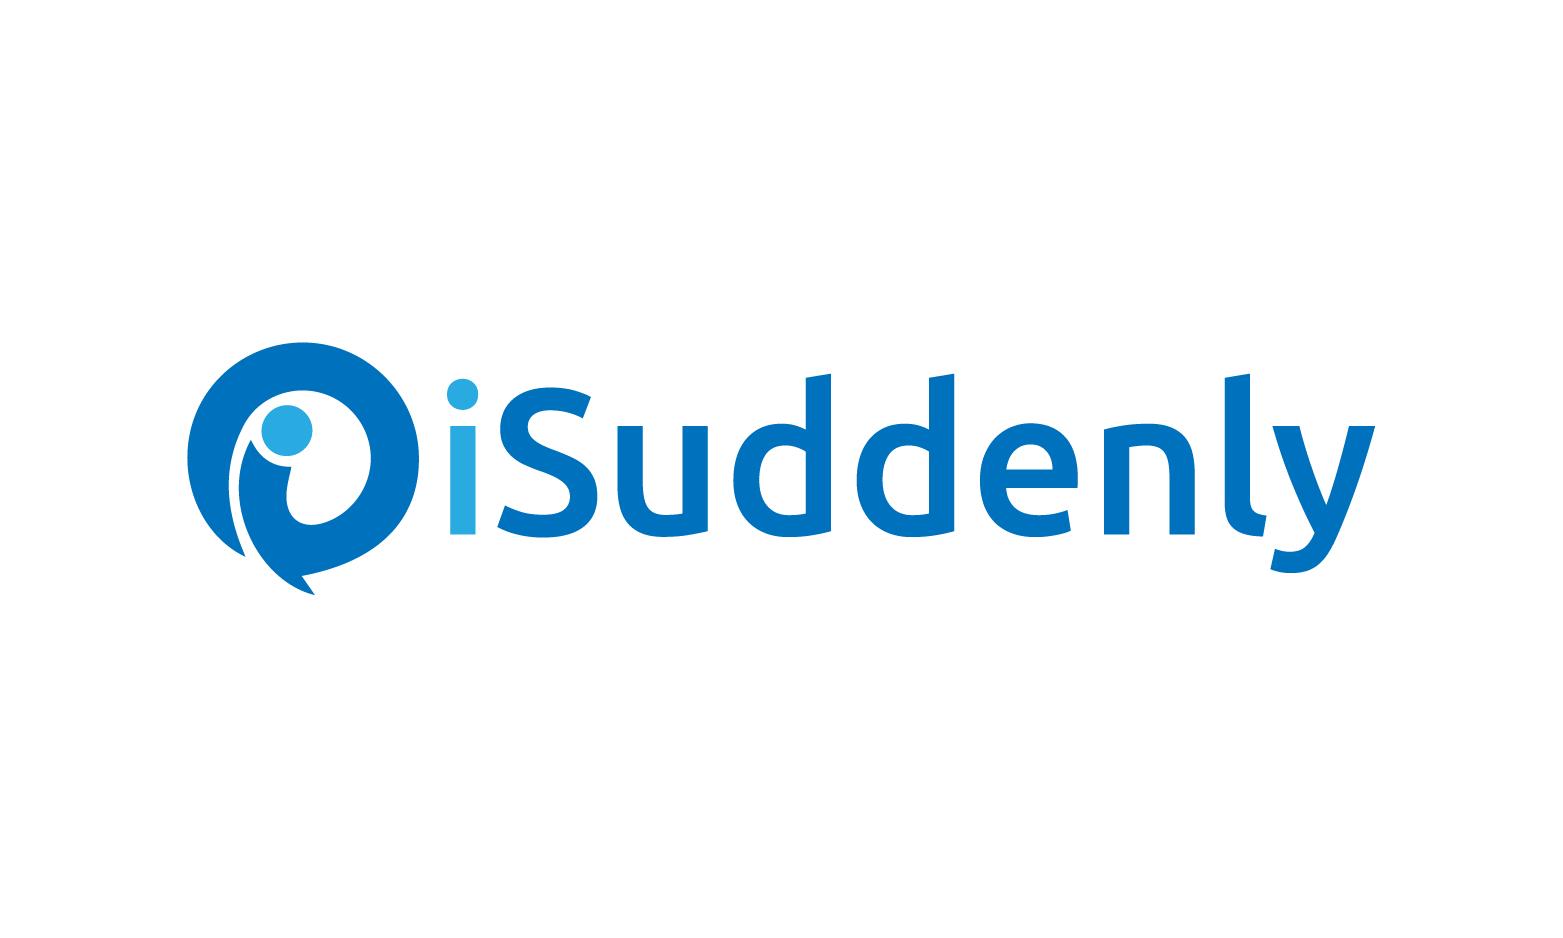 iSuddenly.com